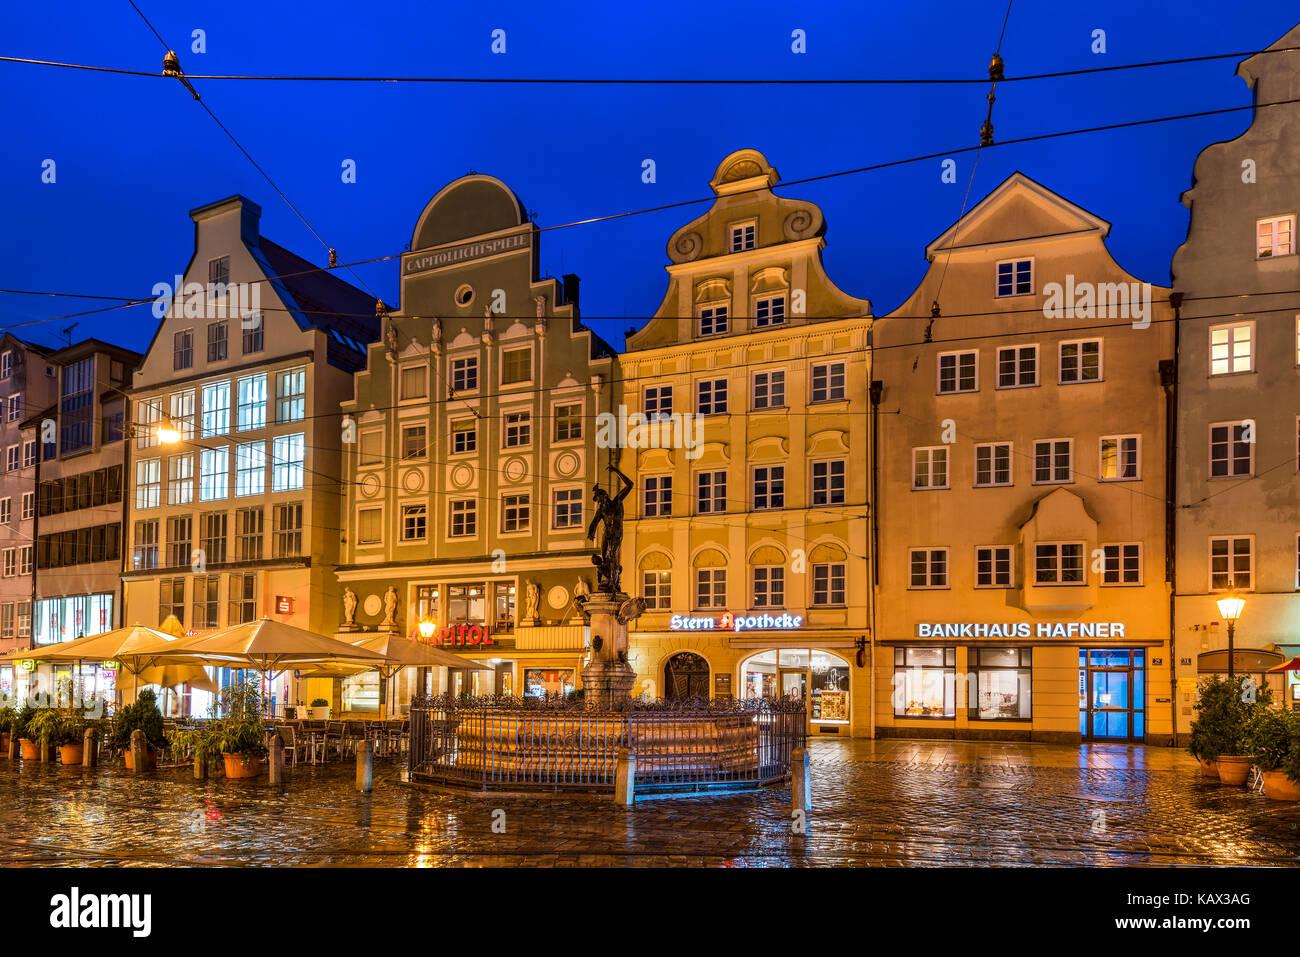 Nacht Blick auf die Maximilianstraße, Augsburg, Bayern, Deutschland Stockbild